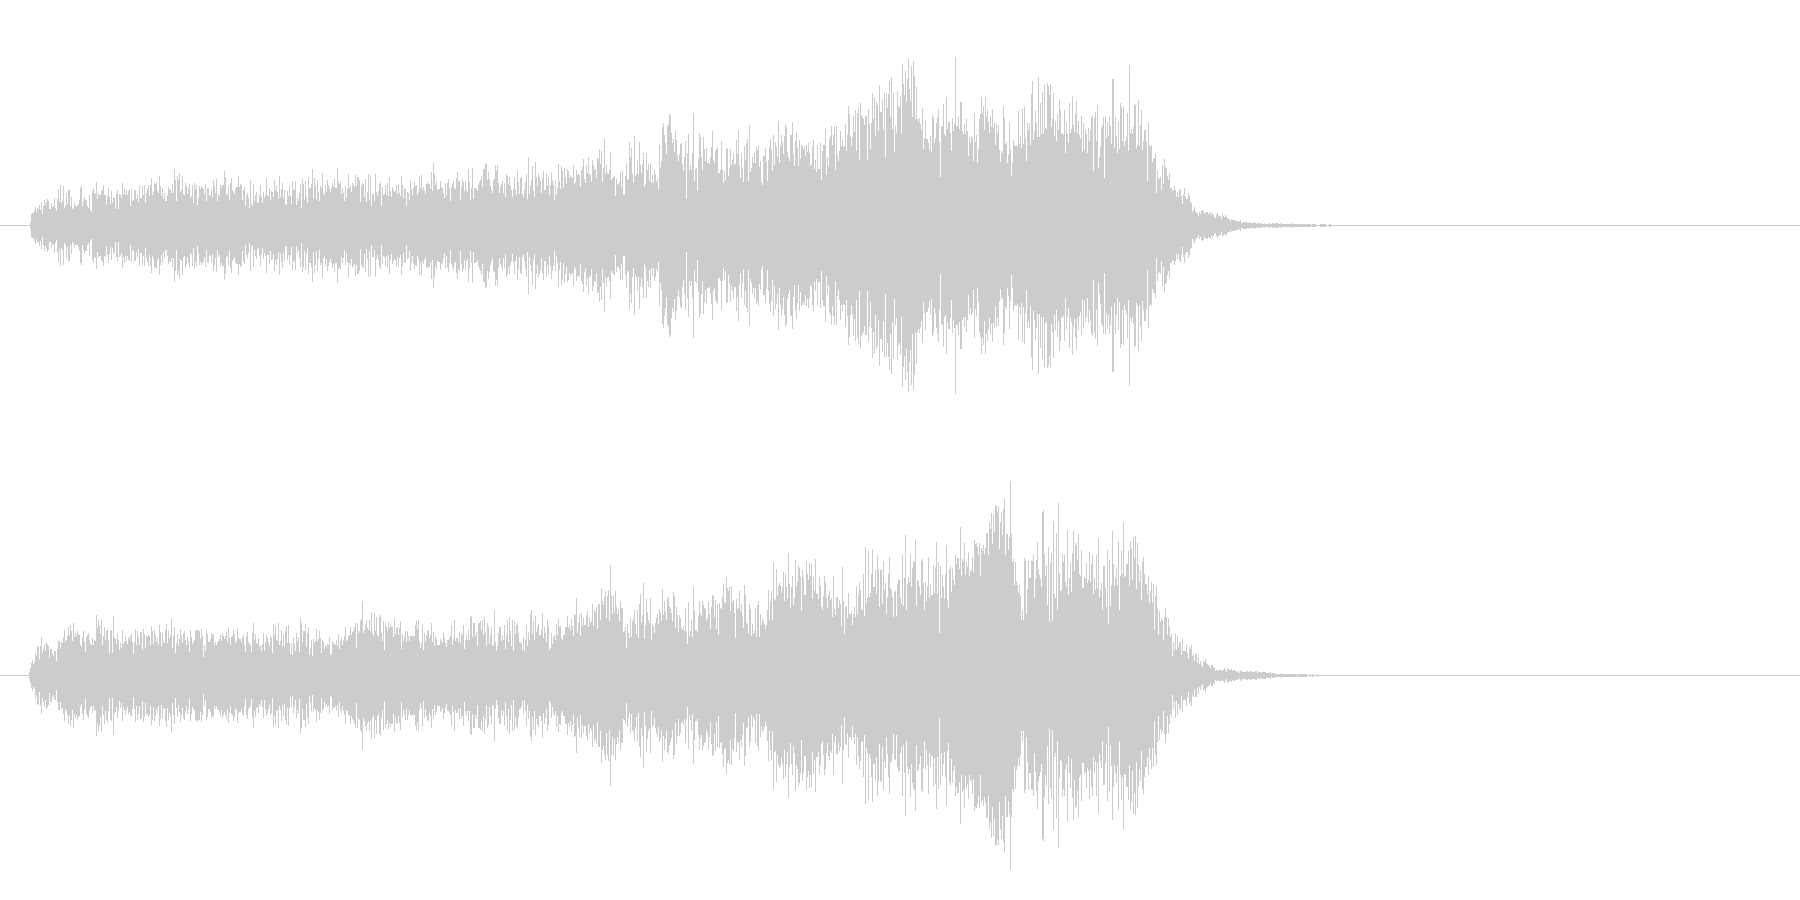 重力場の未再生の波形